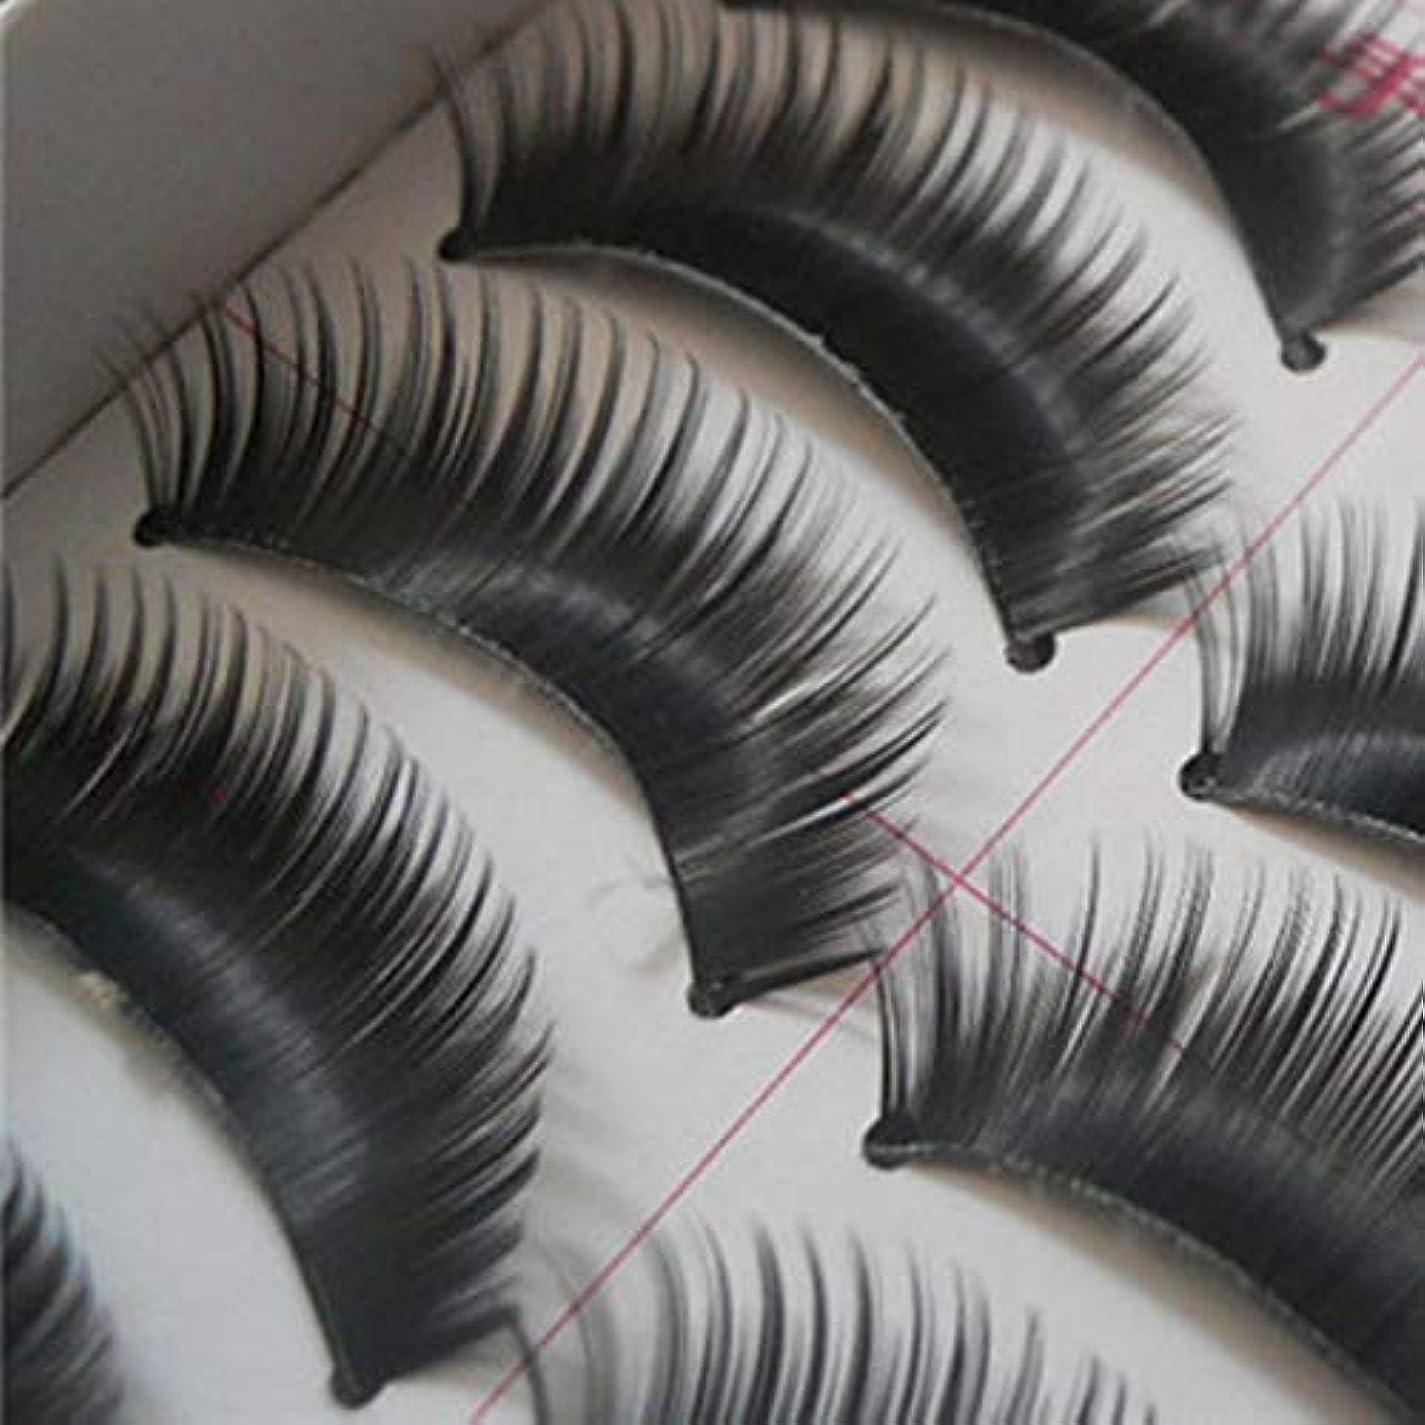 盲信フォークお香10ペア自然の長い厚い黒つけまつげ魅力的なまつげメイク